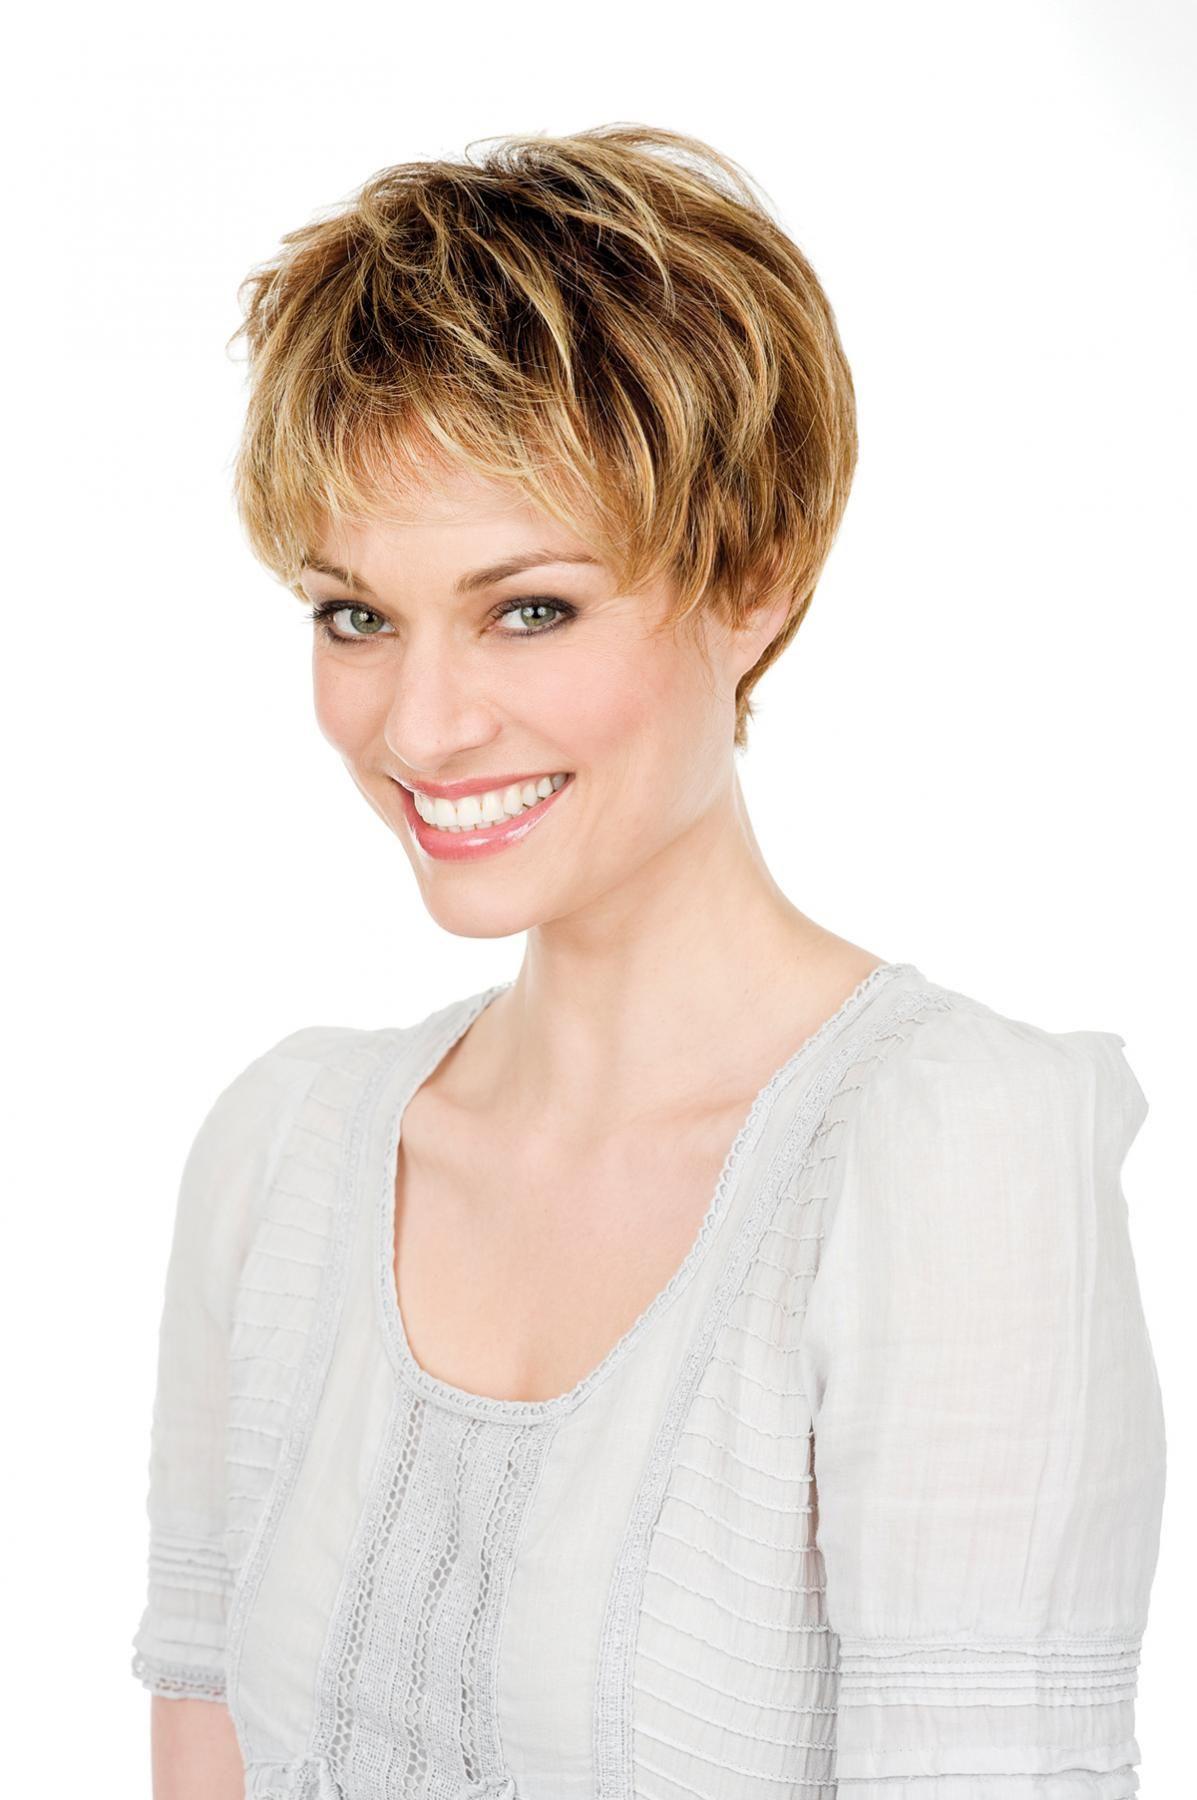 style de cheveux court pour femme - Recherche Google | cheveux ...